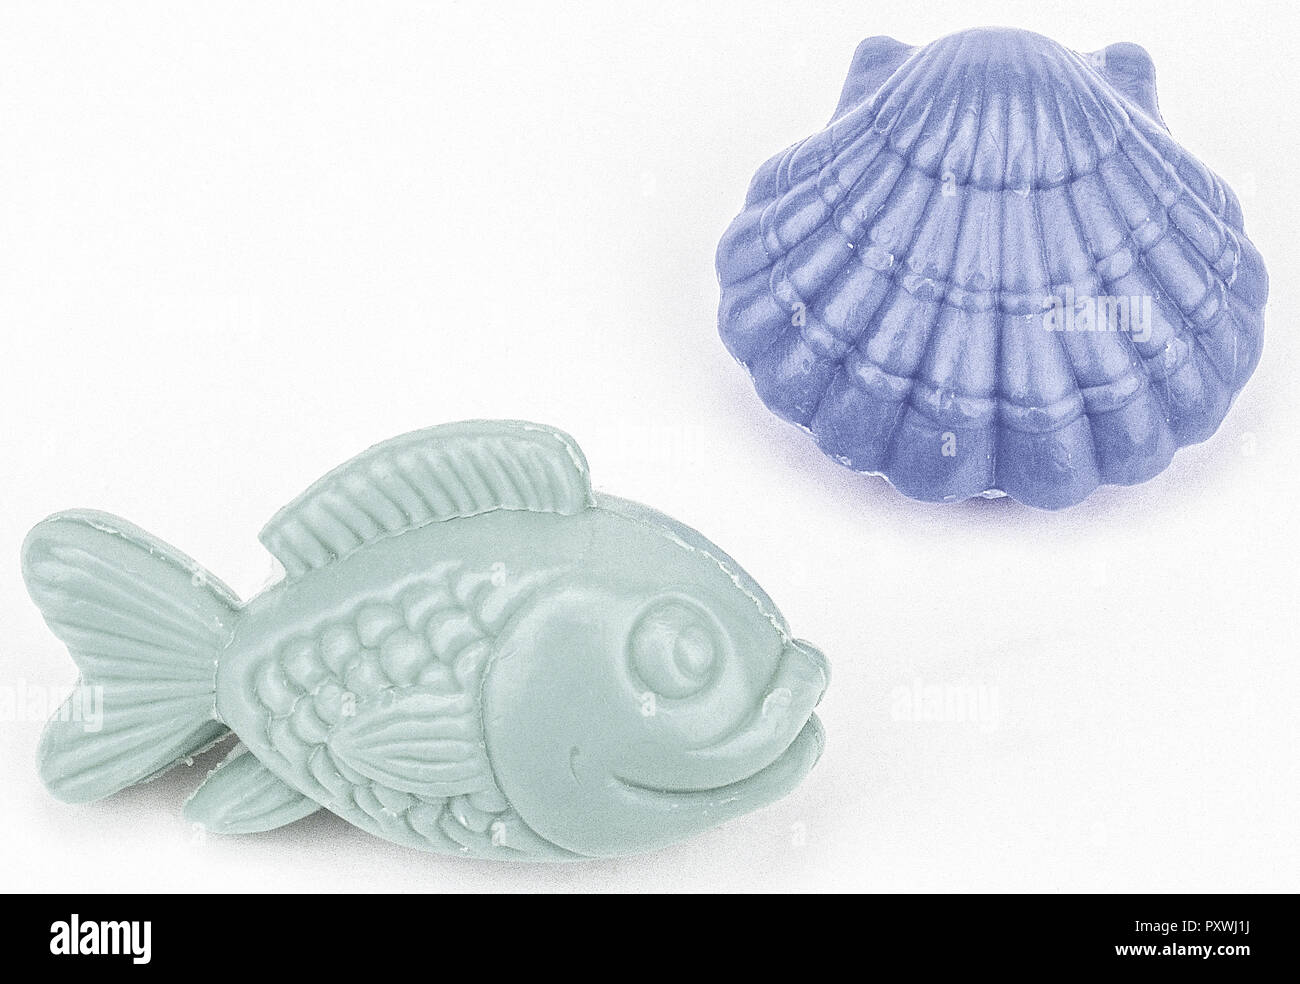 Zwei Seifenstuecke in Fisch- und Muschel-Form Stock Photo